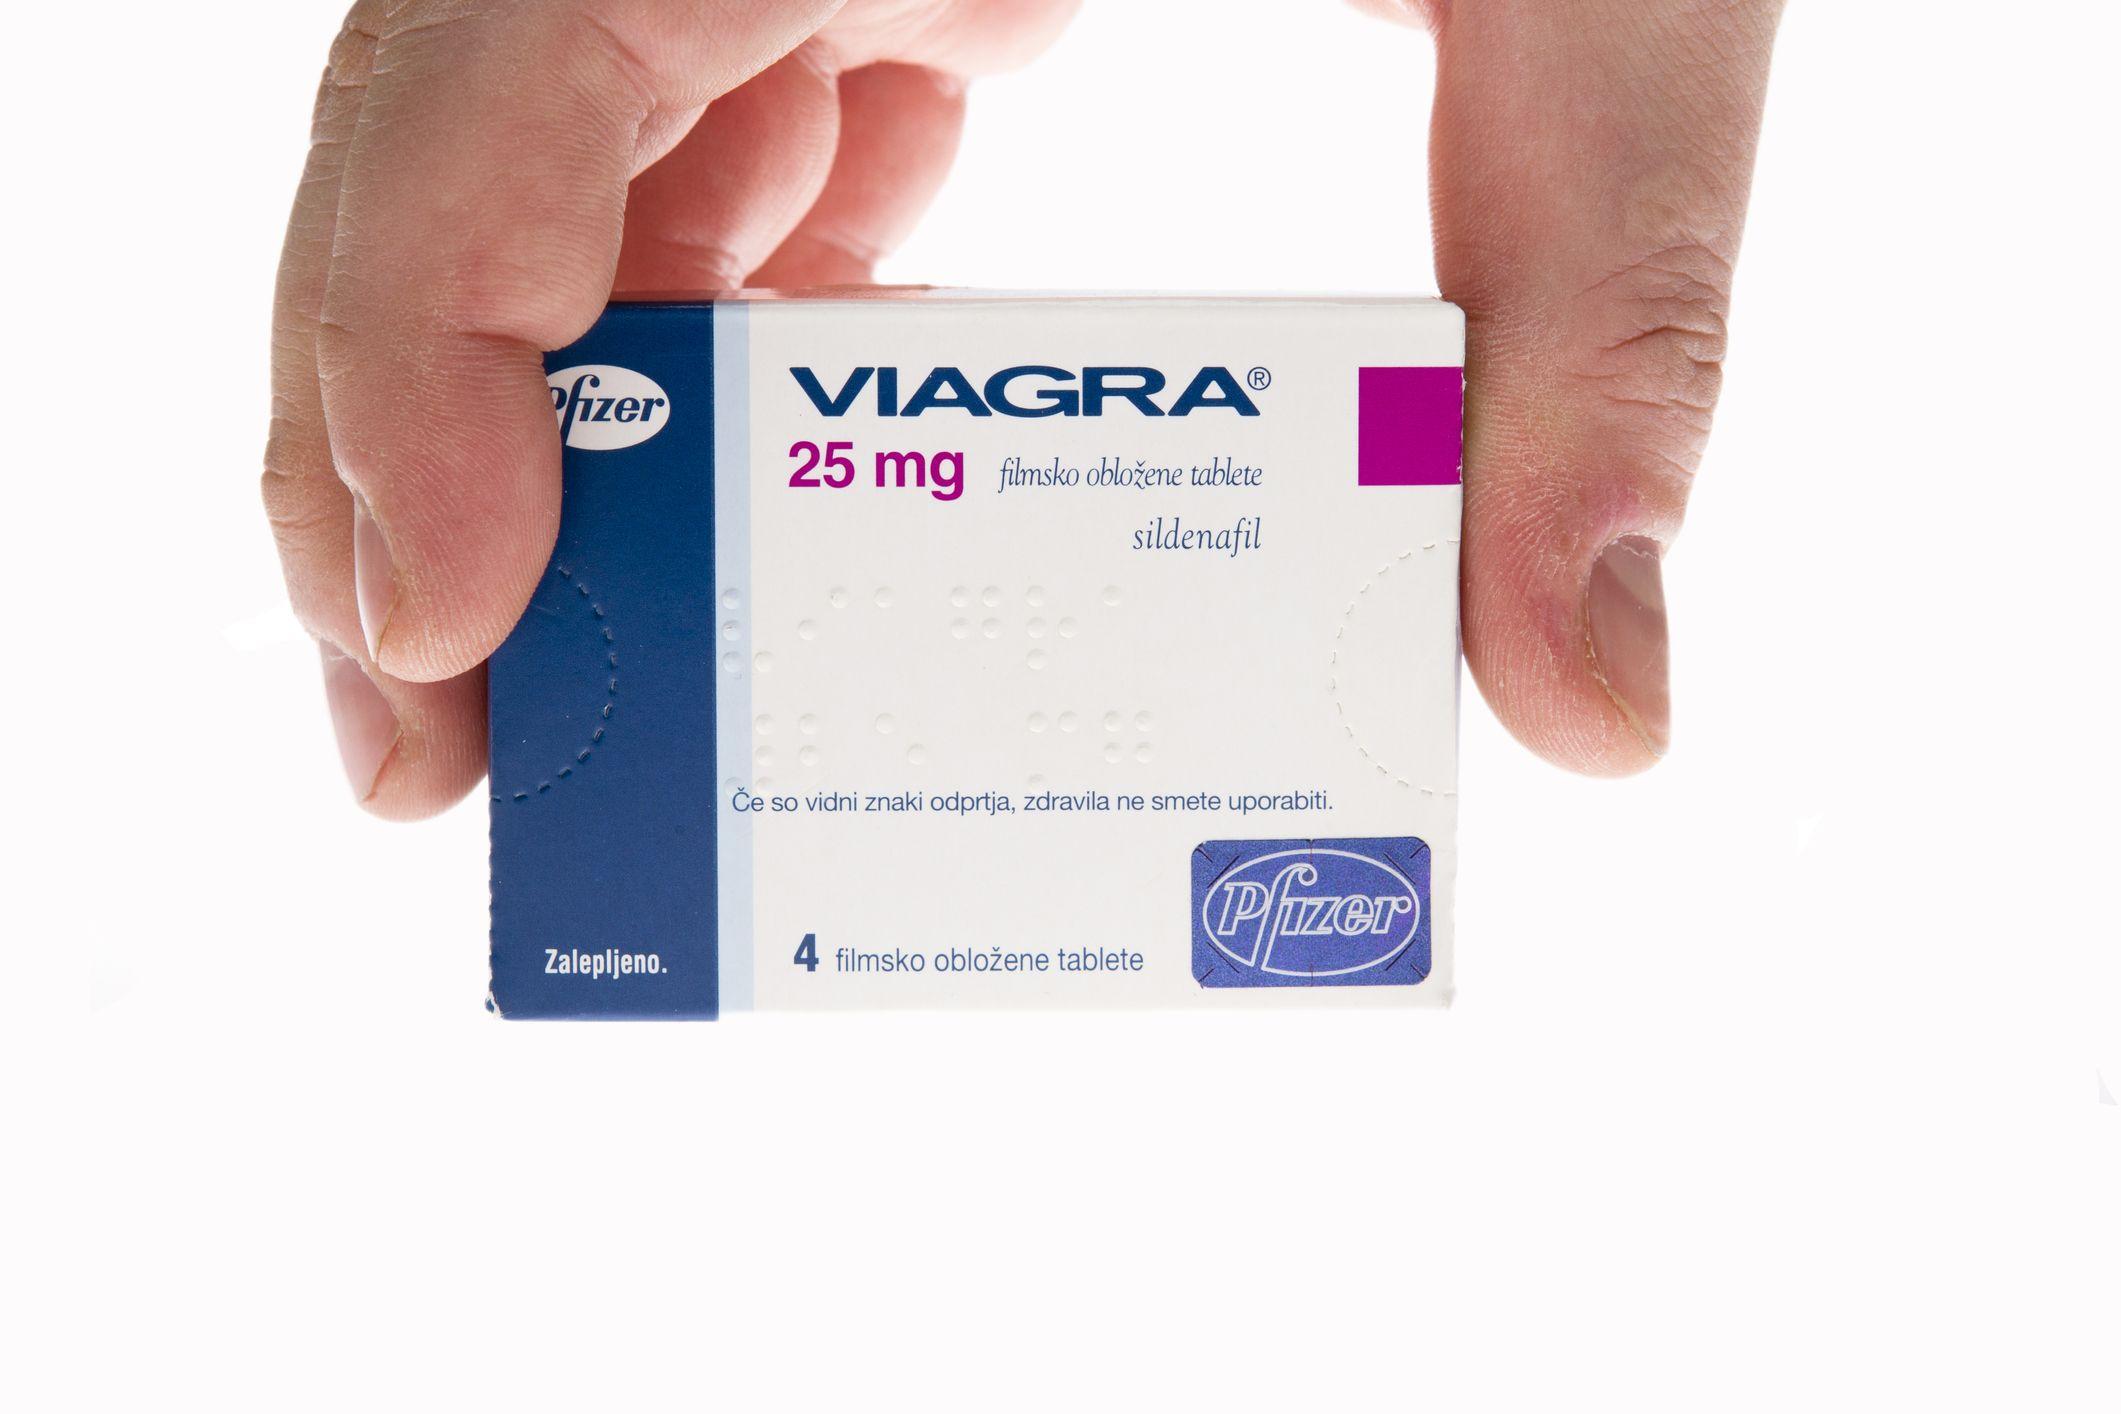 lehetséges-e szedni a Viagrát magas vérnyomás esetén magas vérnyomású gyógyszerek kezelése